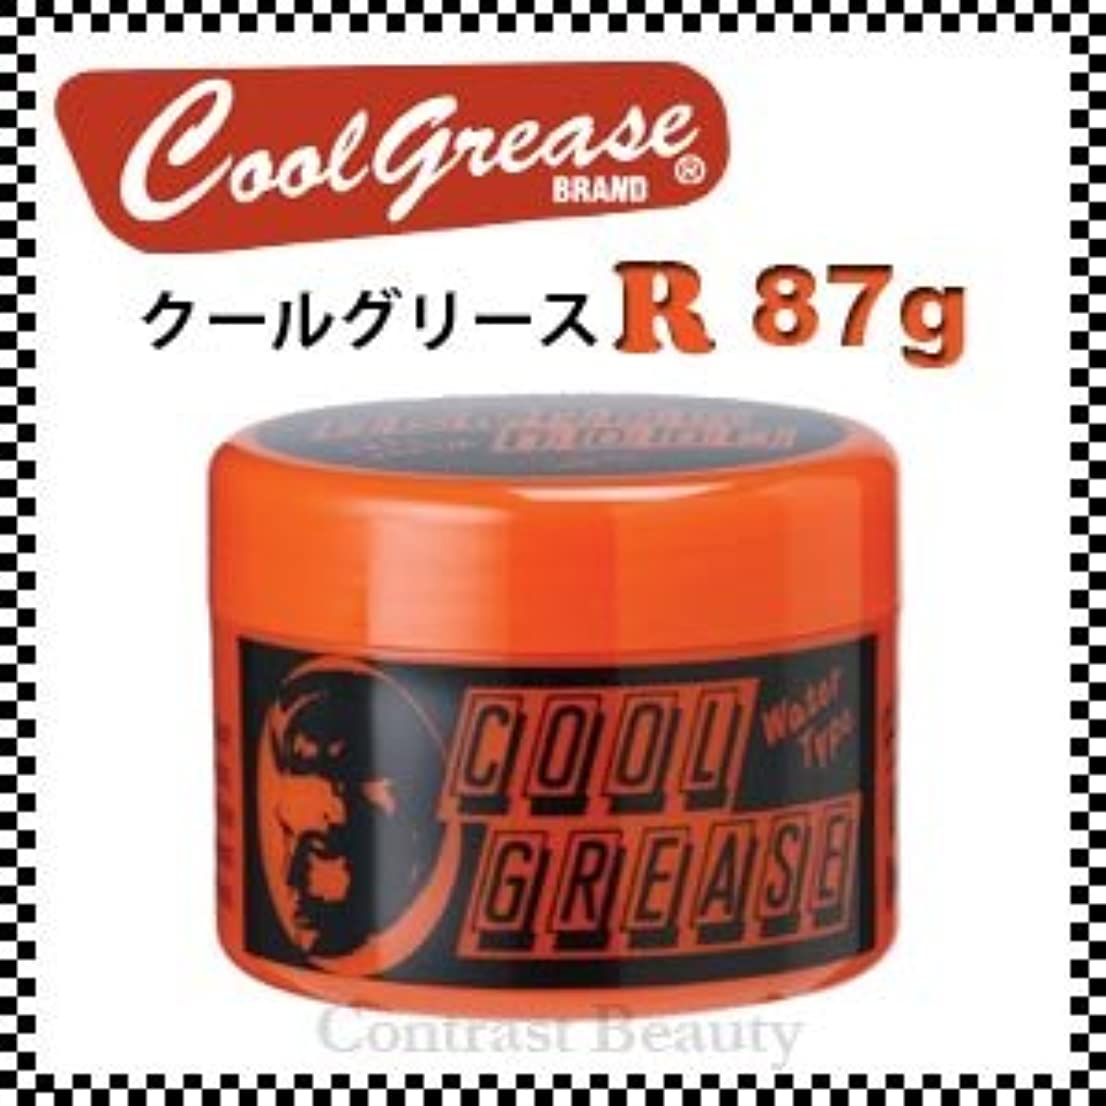 摂氏度食事応用【X2個セット】 阪本高生堂 クールグリース R 87g